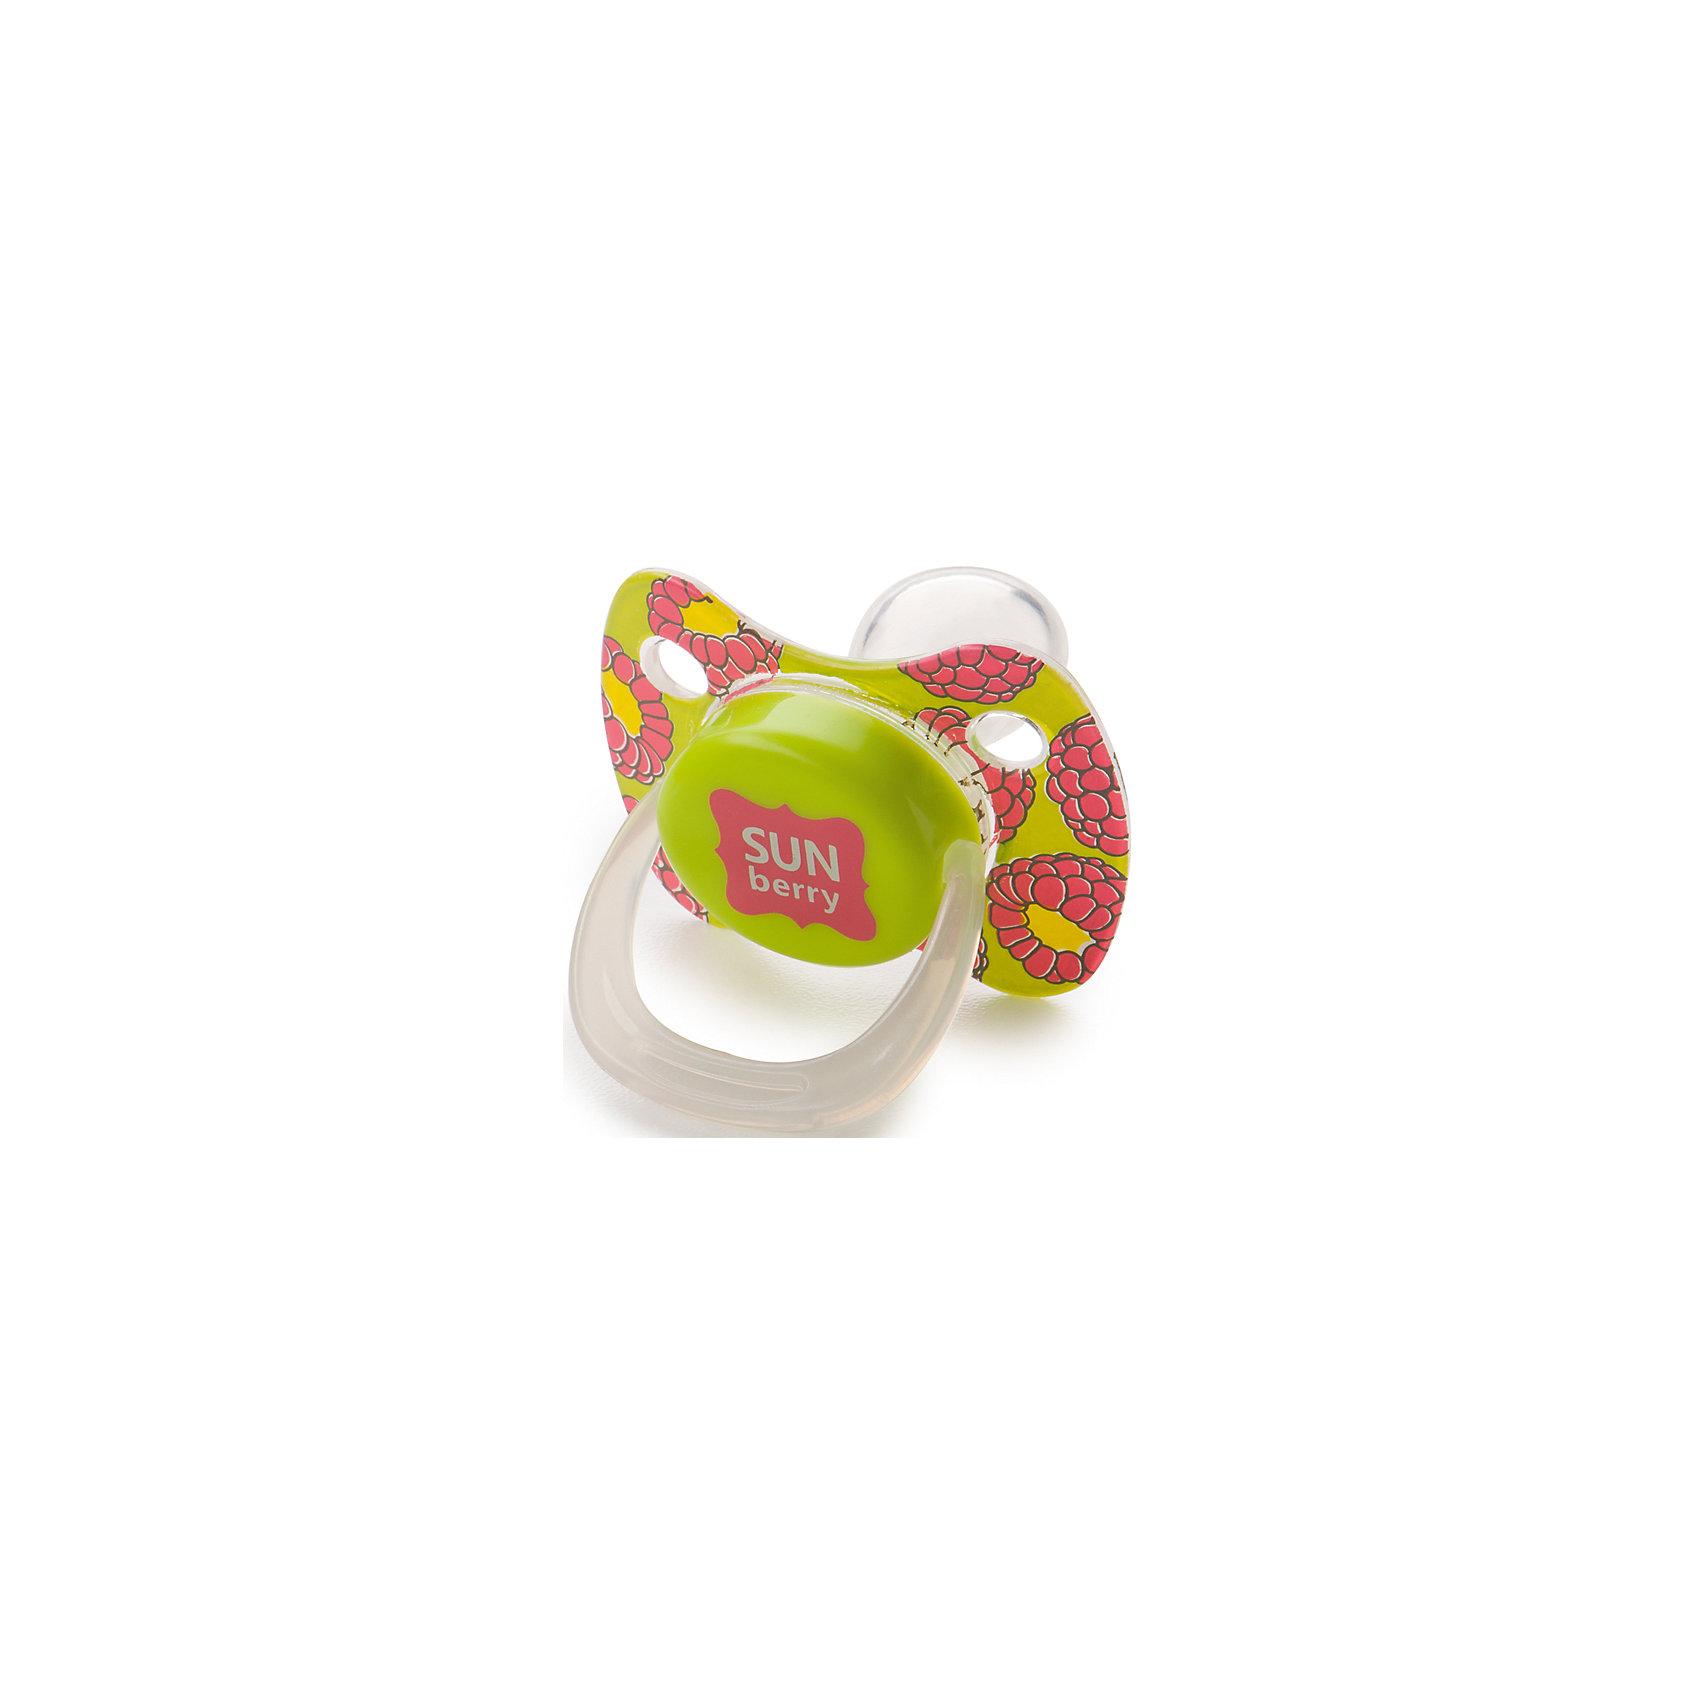 Соска-пустышка с колпачком, с 12 мес., Happy Baby, голубойПустышка от торговой марки Happy Baby - необходимое приобретение для Вашего малыша. Она предназначена для детей с 12 месяцев и служит для того, чтобы удовлетворить их естественную потребность в сосании. Пустышка имеет ортодонтическую форму и изготовлена из натурального гипоаллергенного силикона. В носогубнике сделаны отверстия для вентиляции воздуха, что позволит избежать раздражений и покраснений. Изделие выполнено в стильном и ярком дизайне, что обязательно понравится крохе.<br><br>Дополнительная информация:<br><br>- силиконовая пустышка симметричной формы<br>- вентиляционные отверстия в носогубнике<br>- симметричная форма носогубника<br>- яркий и стильный дизайн<br>- колпачок в комплекте<br>- возраст: от 12 месяцев.<br>- материал: тритан, полипропилен, силикон.<br>- размер упаковки: 5*6,31*3,5 см.<br>- вес: 45 г.<br><br>Соску-пустышку с колпачком, с 12 месяцев Happy Baby, голубой можно купить в нашем интернет-магазине.<br><br>Ширина мм: 50<br>Глубина мм: 65<br>Высота мм: 135<br>Вес г: 45<br>Возраст от месяцев: 12<br>Возраст до месяцев: 24<br>Пол: Унисекс<br>Возраст: Детский<br>SKU: 4696814